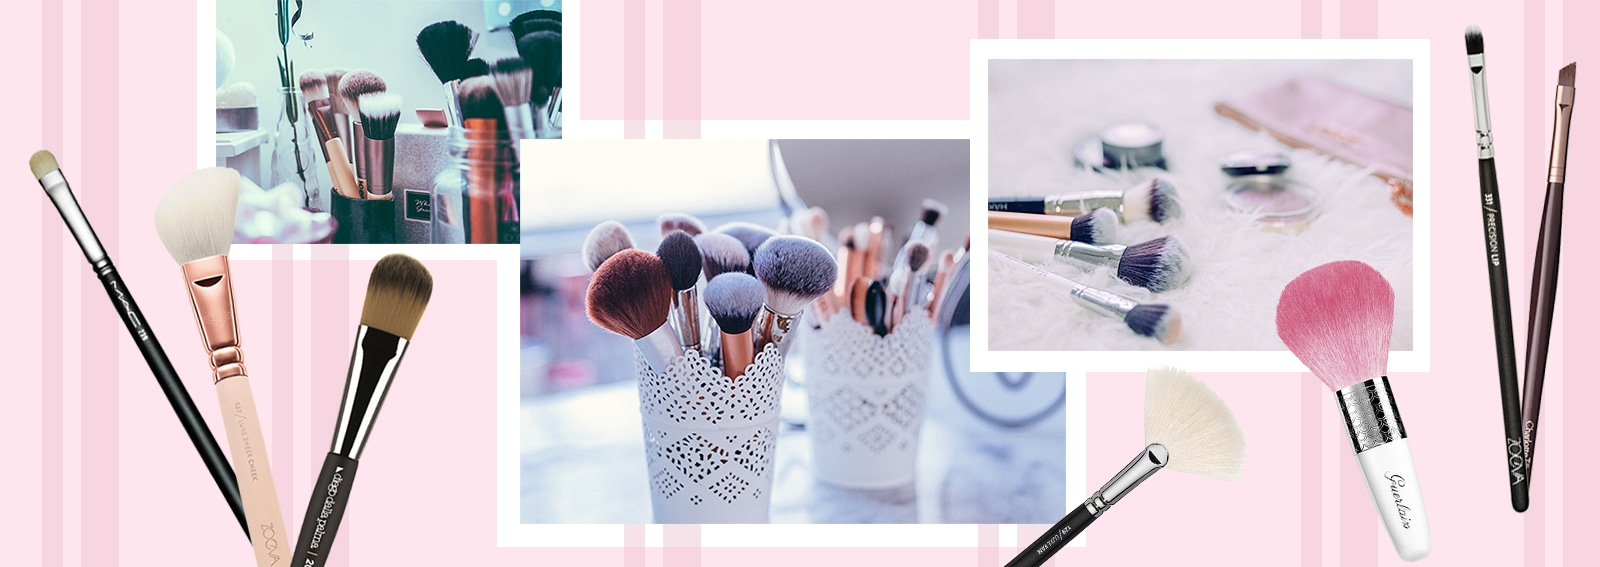 Come si usano i pennelli per il make up